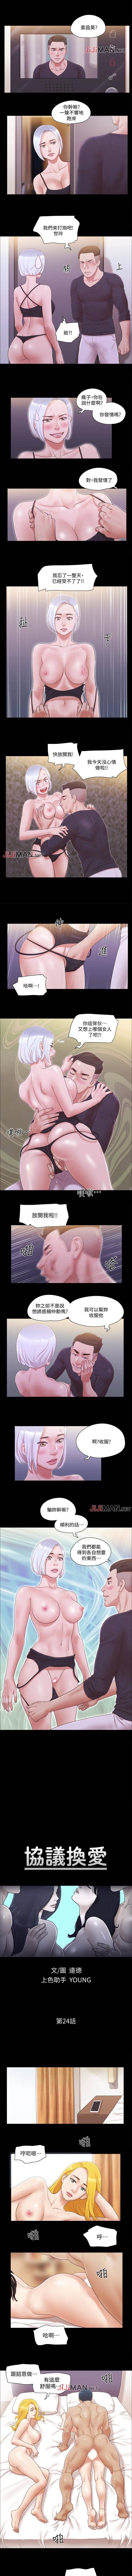 【周五连载】协议换爱(作者:遠德) 第1~62话 100